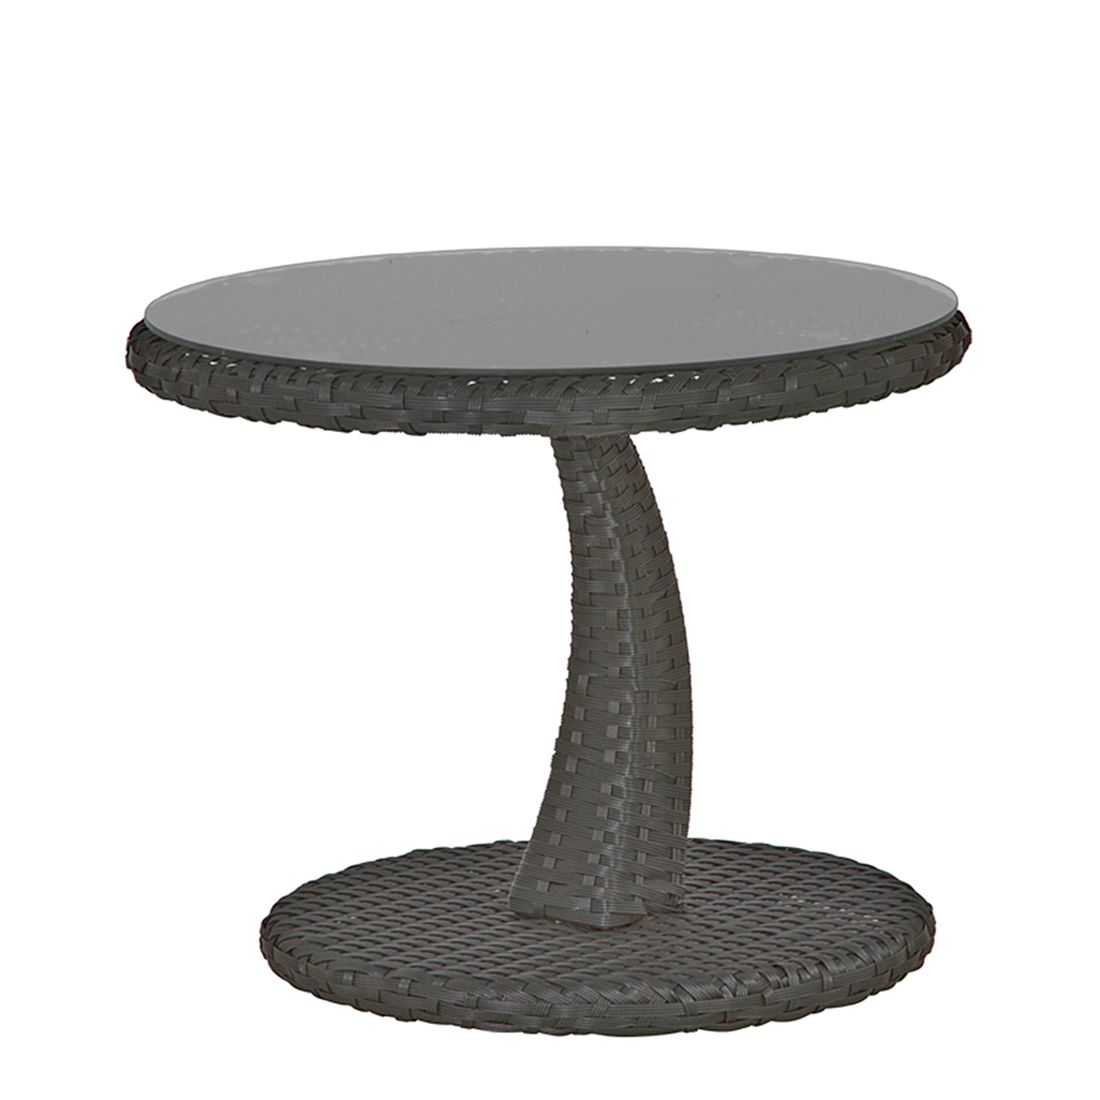 Beistelltisch Rio - Aluminium/Gardino®-Geflecht - Anthrazit, Siena Garden